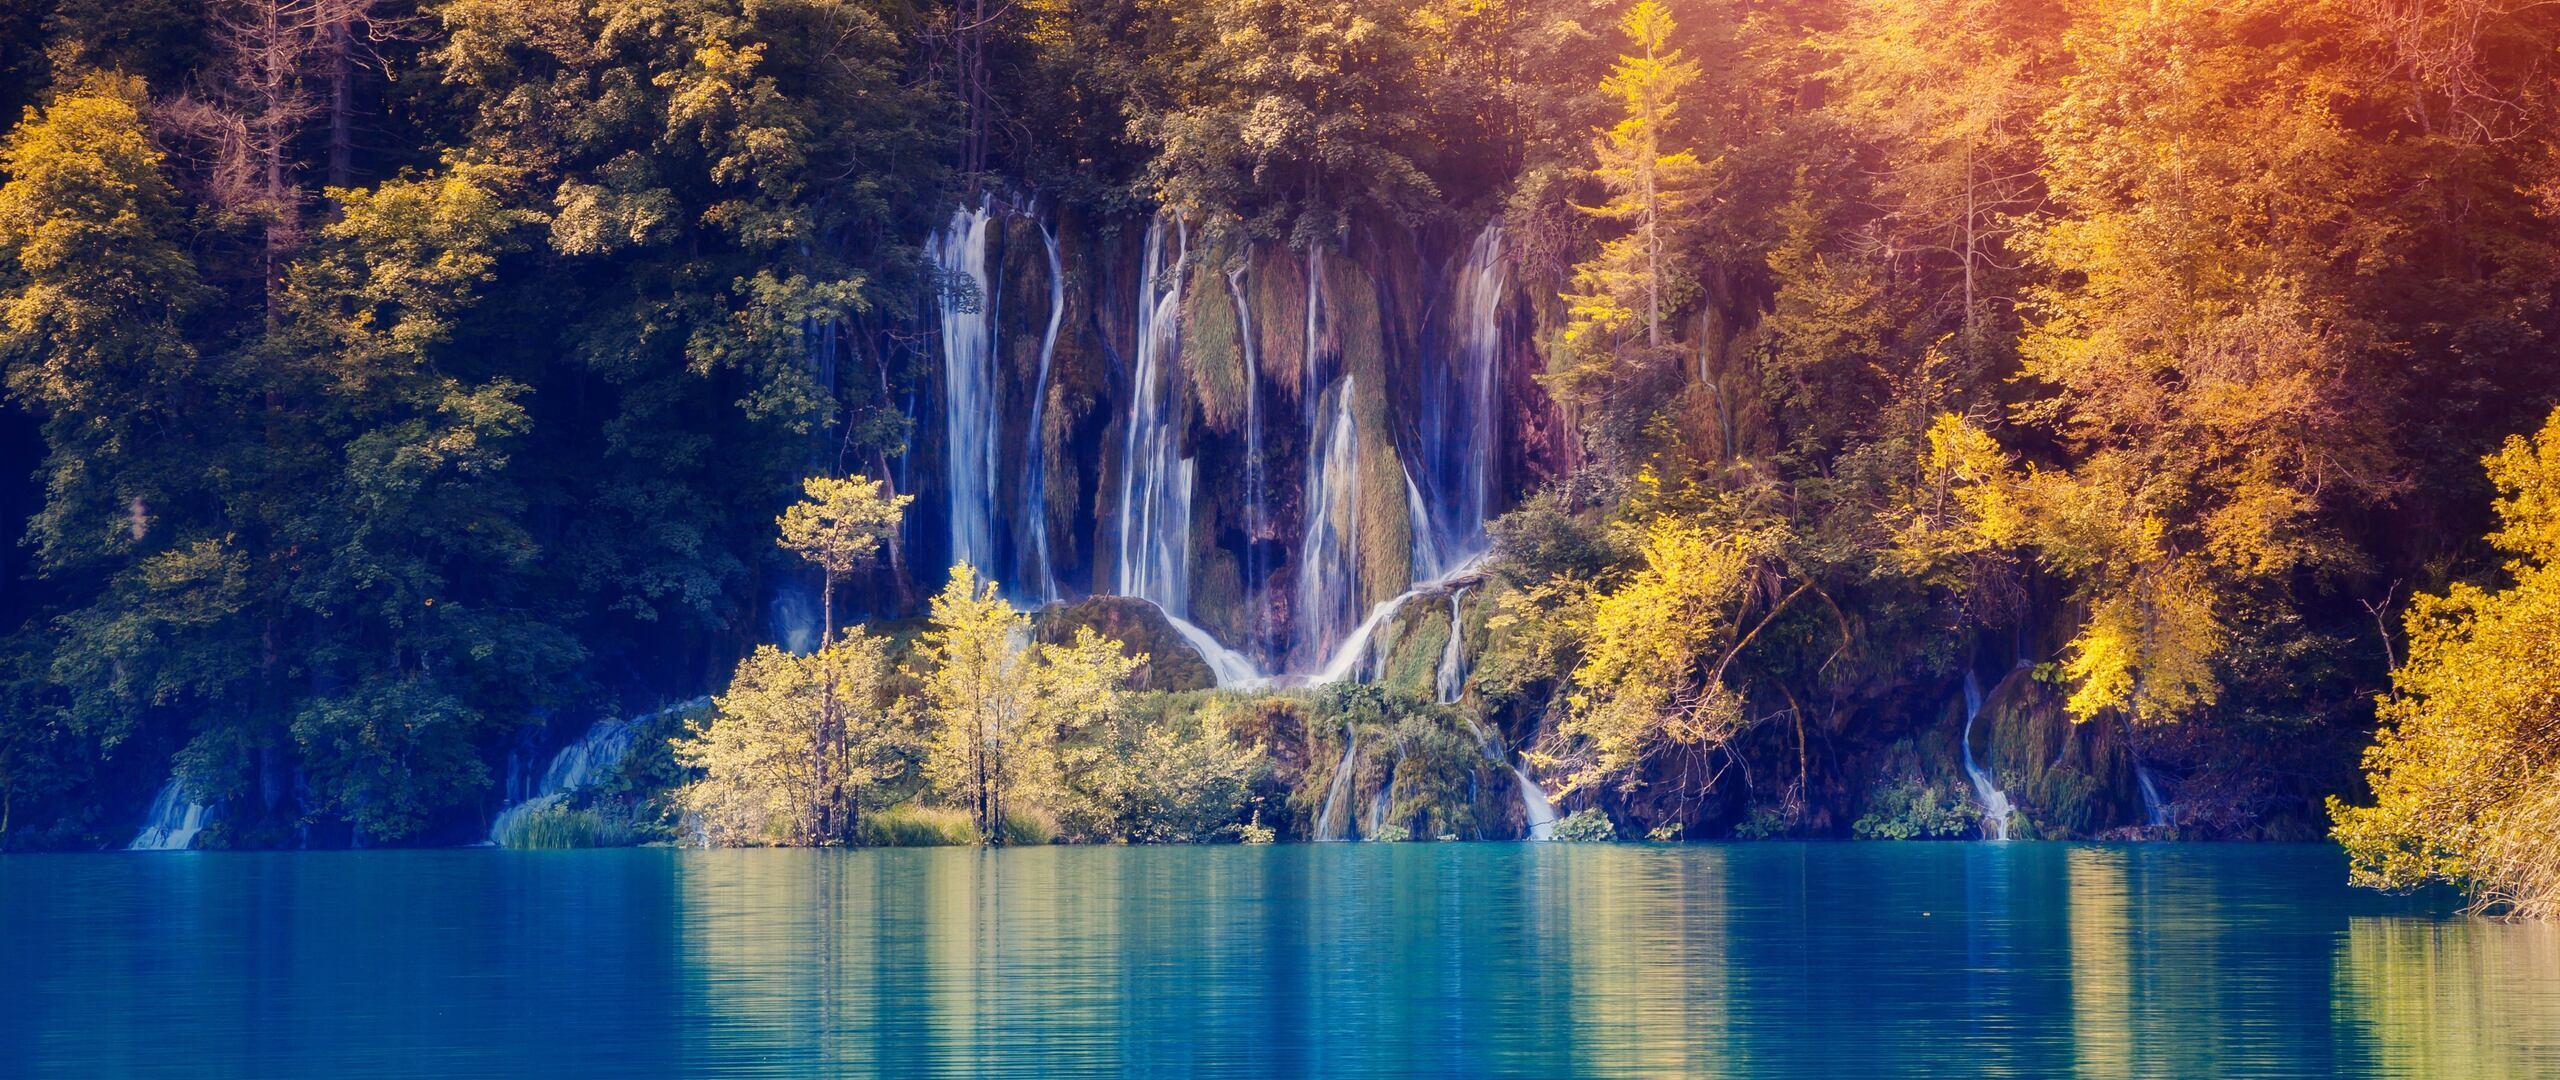 fall-foliage-lake-nature-waterfall-lu.jpg